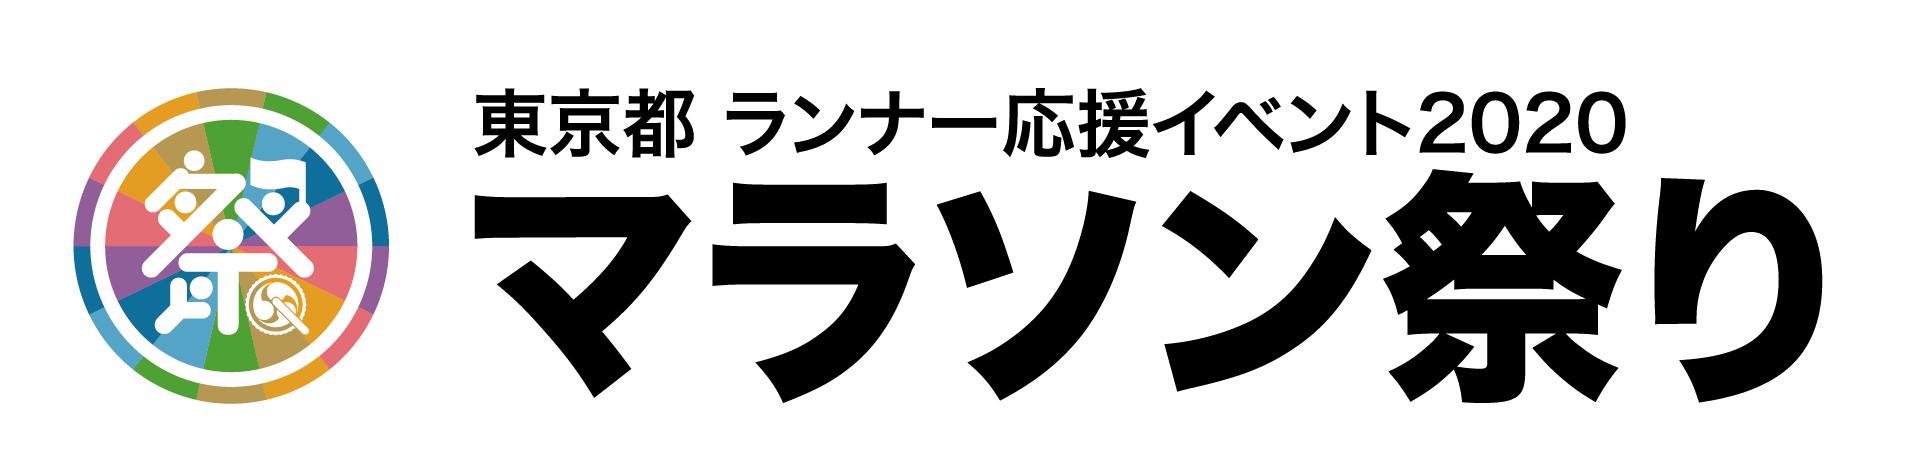 東京都 ランナー応援イベント2020 マラソン祭り 3月1日(日)都立日比谷公園をメイン会場として開... 画像